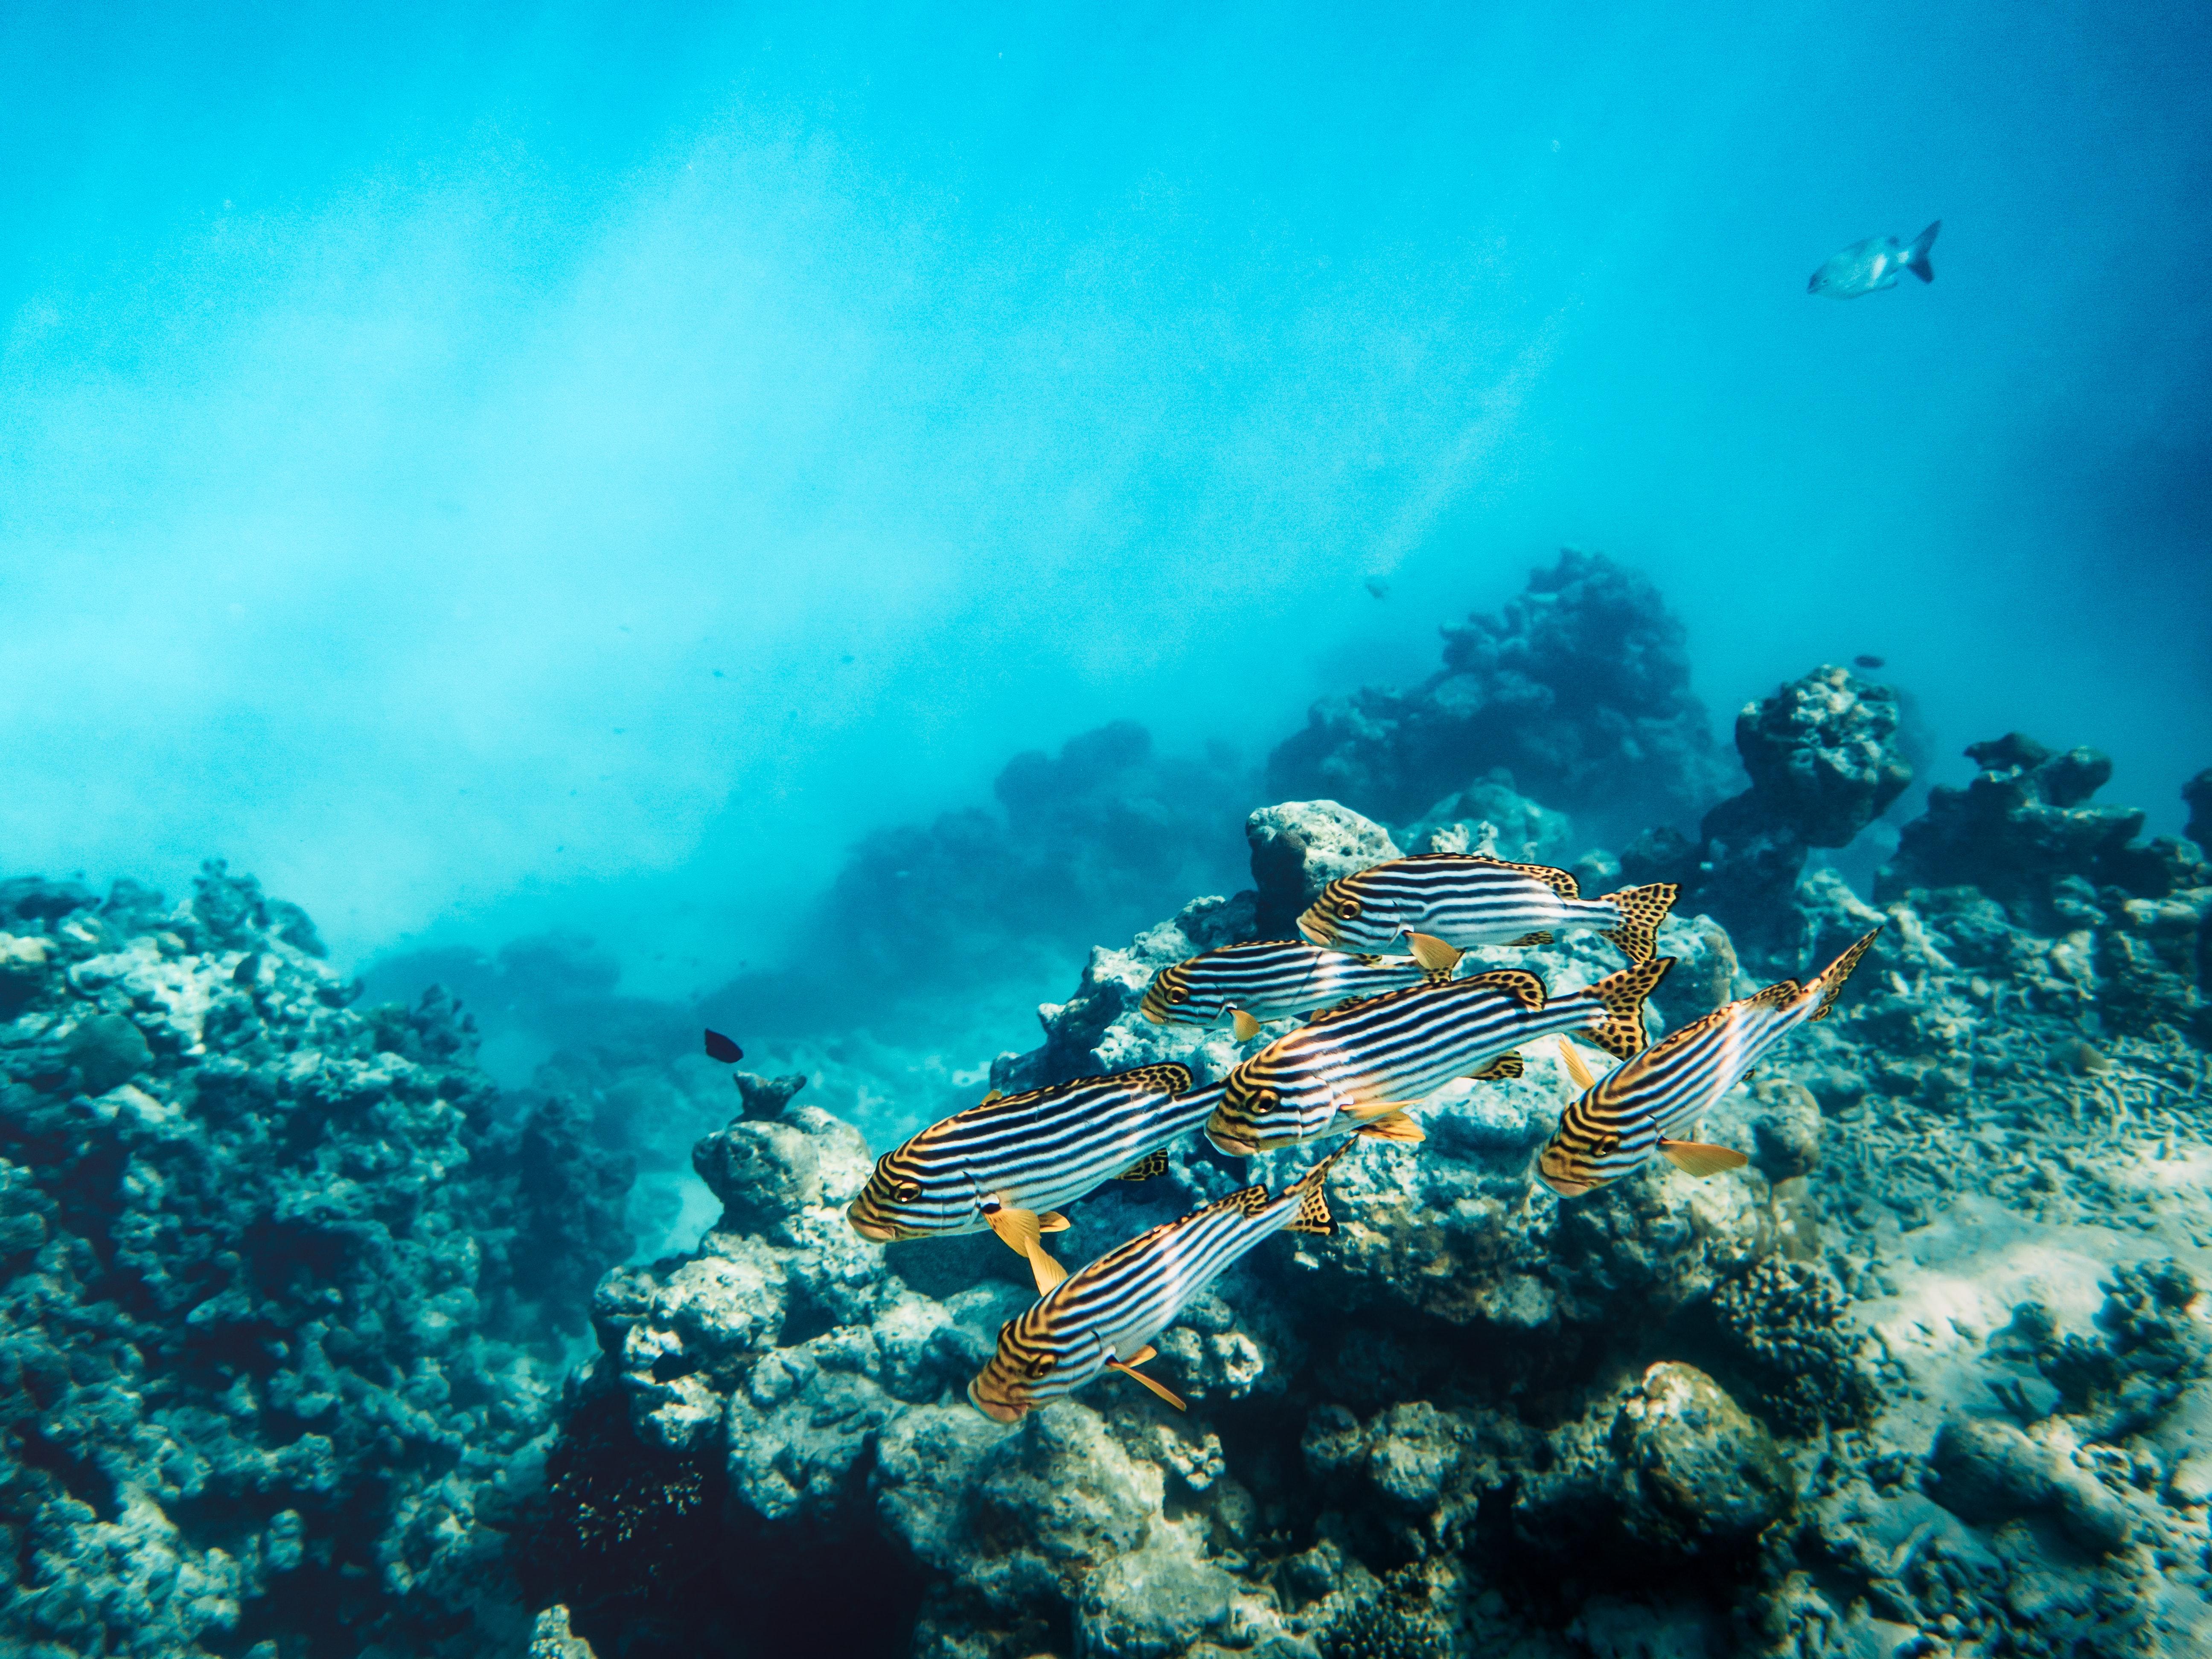 85265 Заставки и Обои Рыбы на телефон. Скачать Рыбы, Животные, Вода, Кораллы, Риф картинки бесплатно